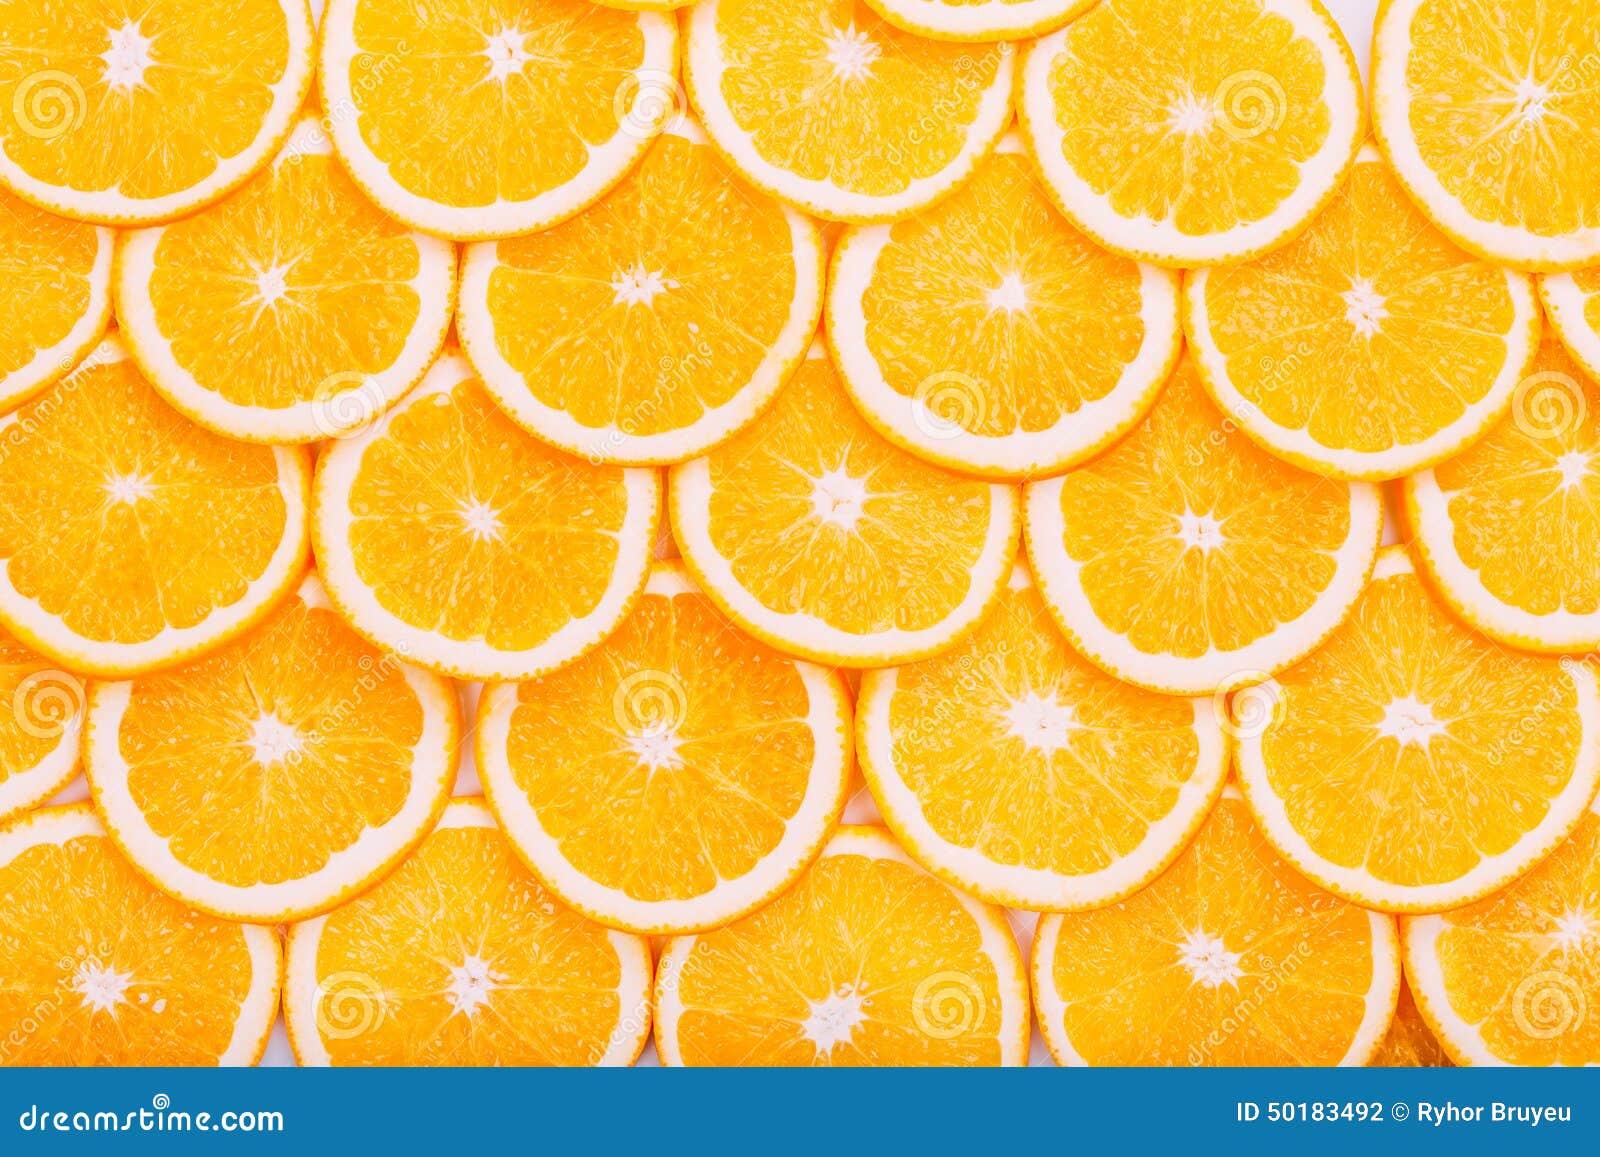 橙色果子背景 夏天桔子 健康